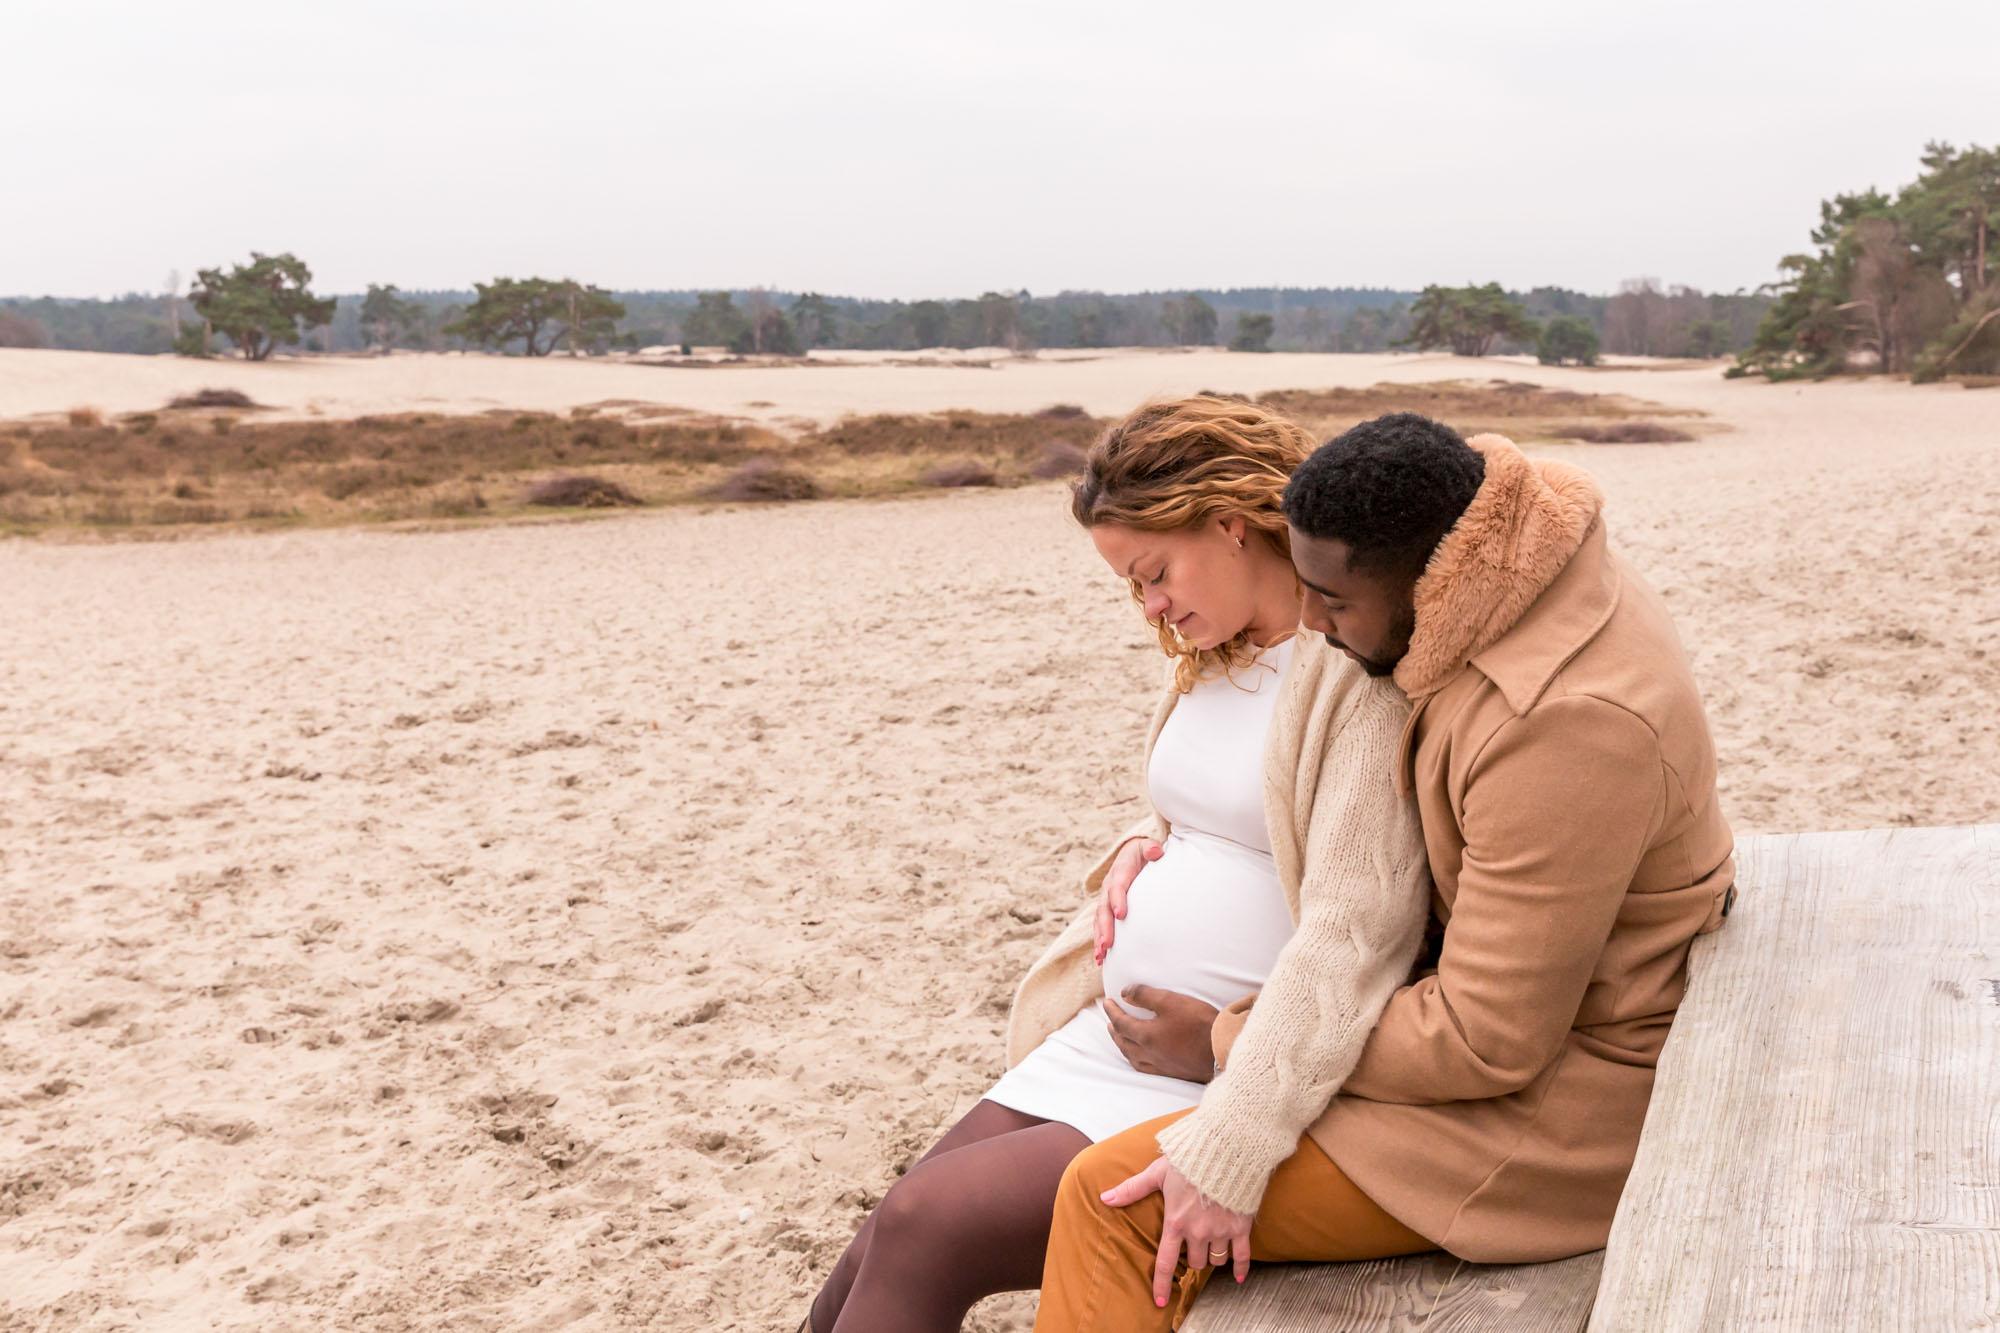 Zwangerschapsfotograaf Amersfoort, Nijkerk, Hoevelaken. Zwangerschapsfotoshoot door fotograaf Mayra Fotografie bij Soesterduinen.